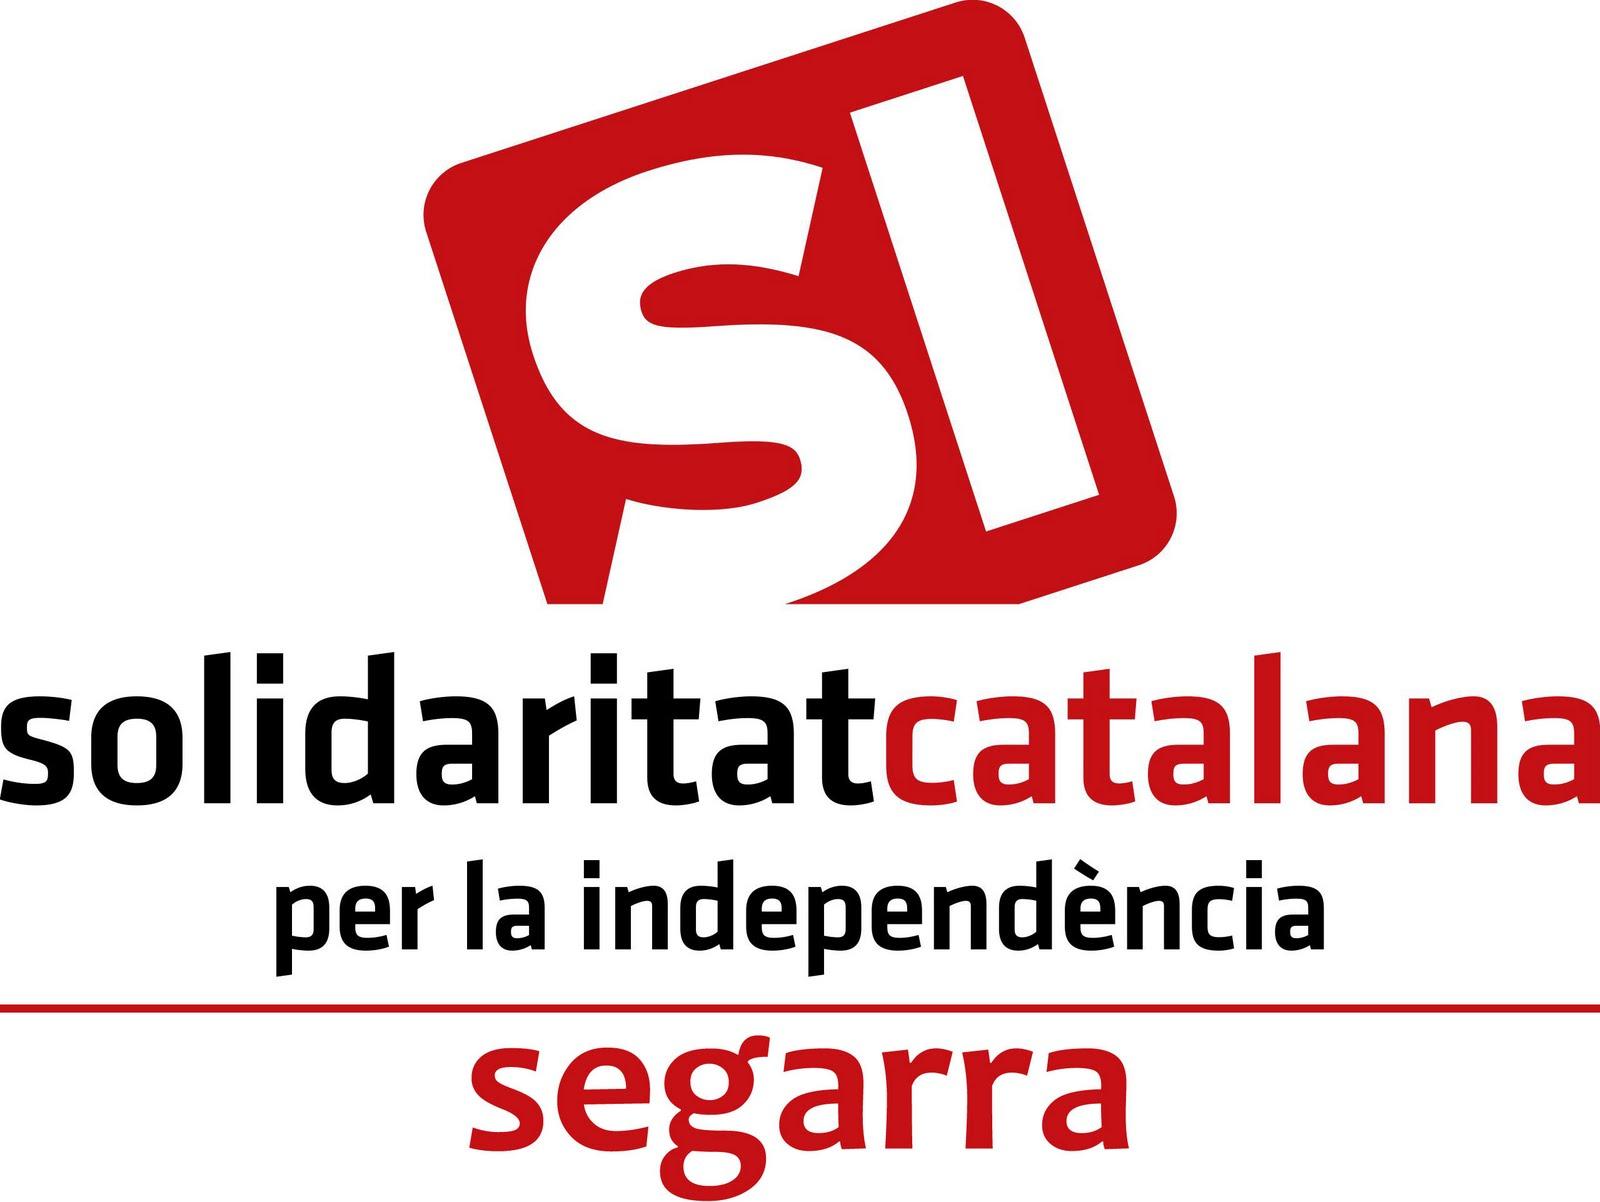 Solidaritat Catalana per la Independència - Segarra